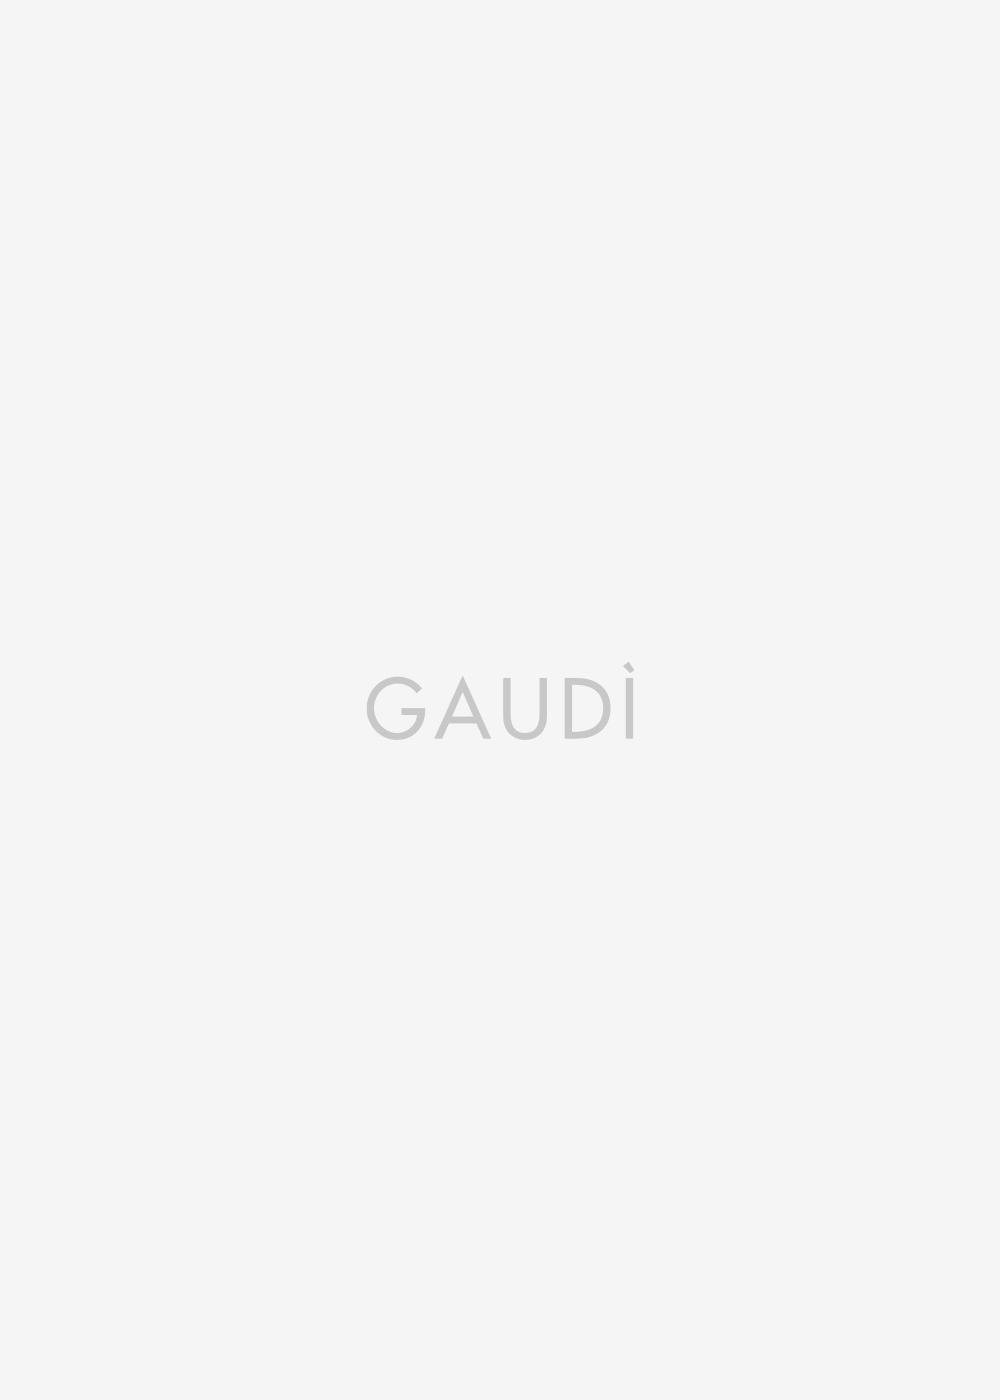 Shoulder bag with gold details